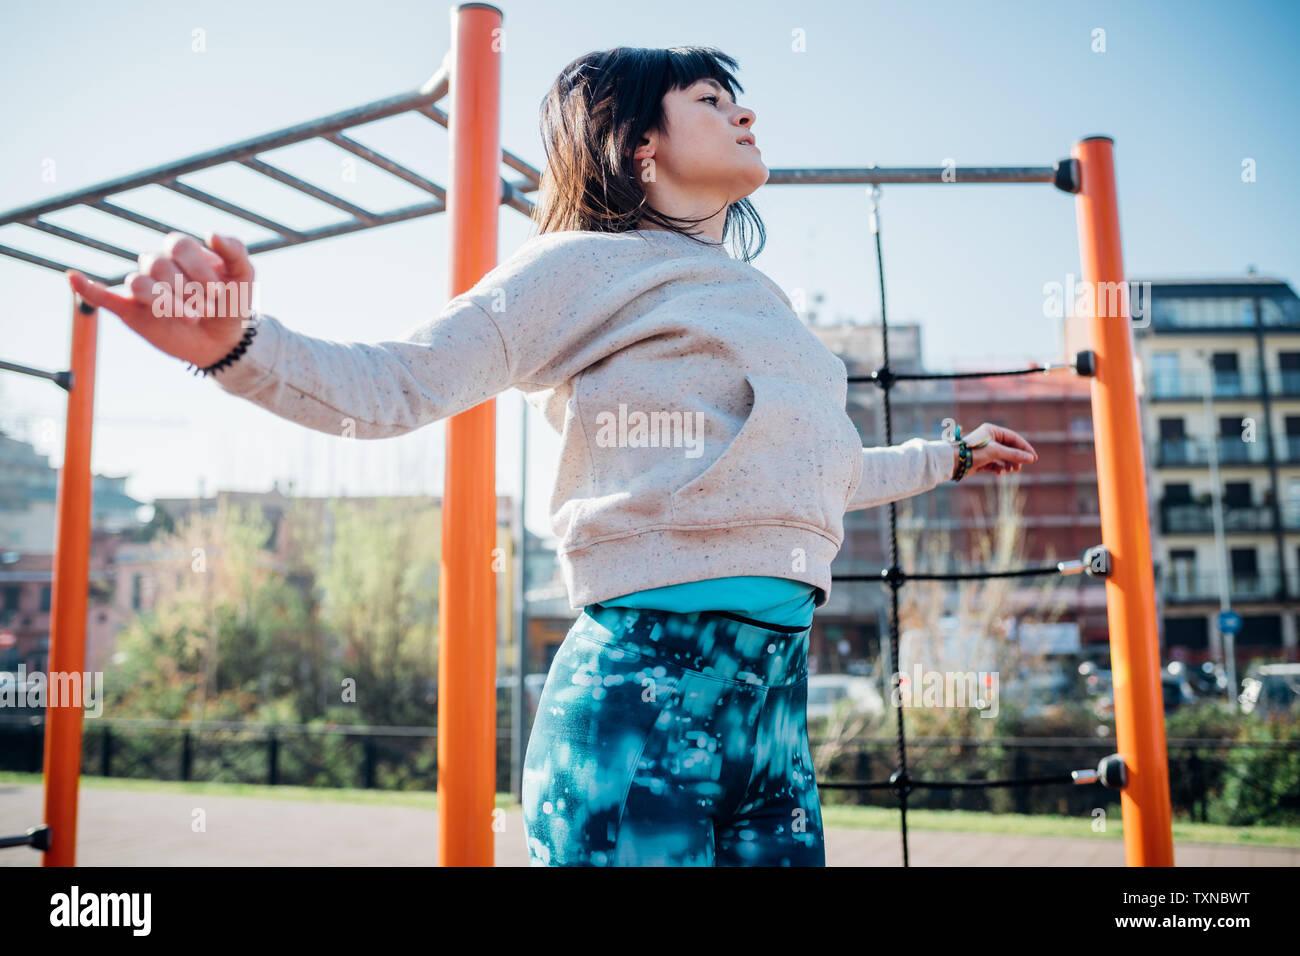 Classe Calisthenics presso palestra all'aperto, giovane donna salta con le braccia aperte Foto Stock